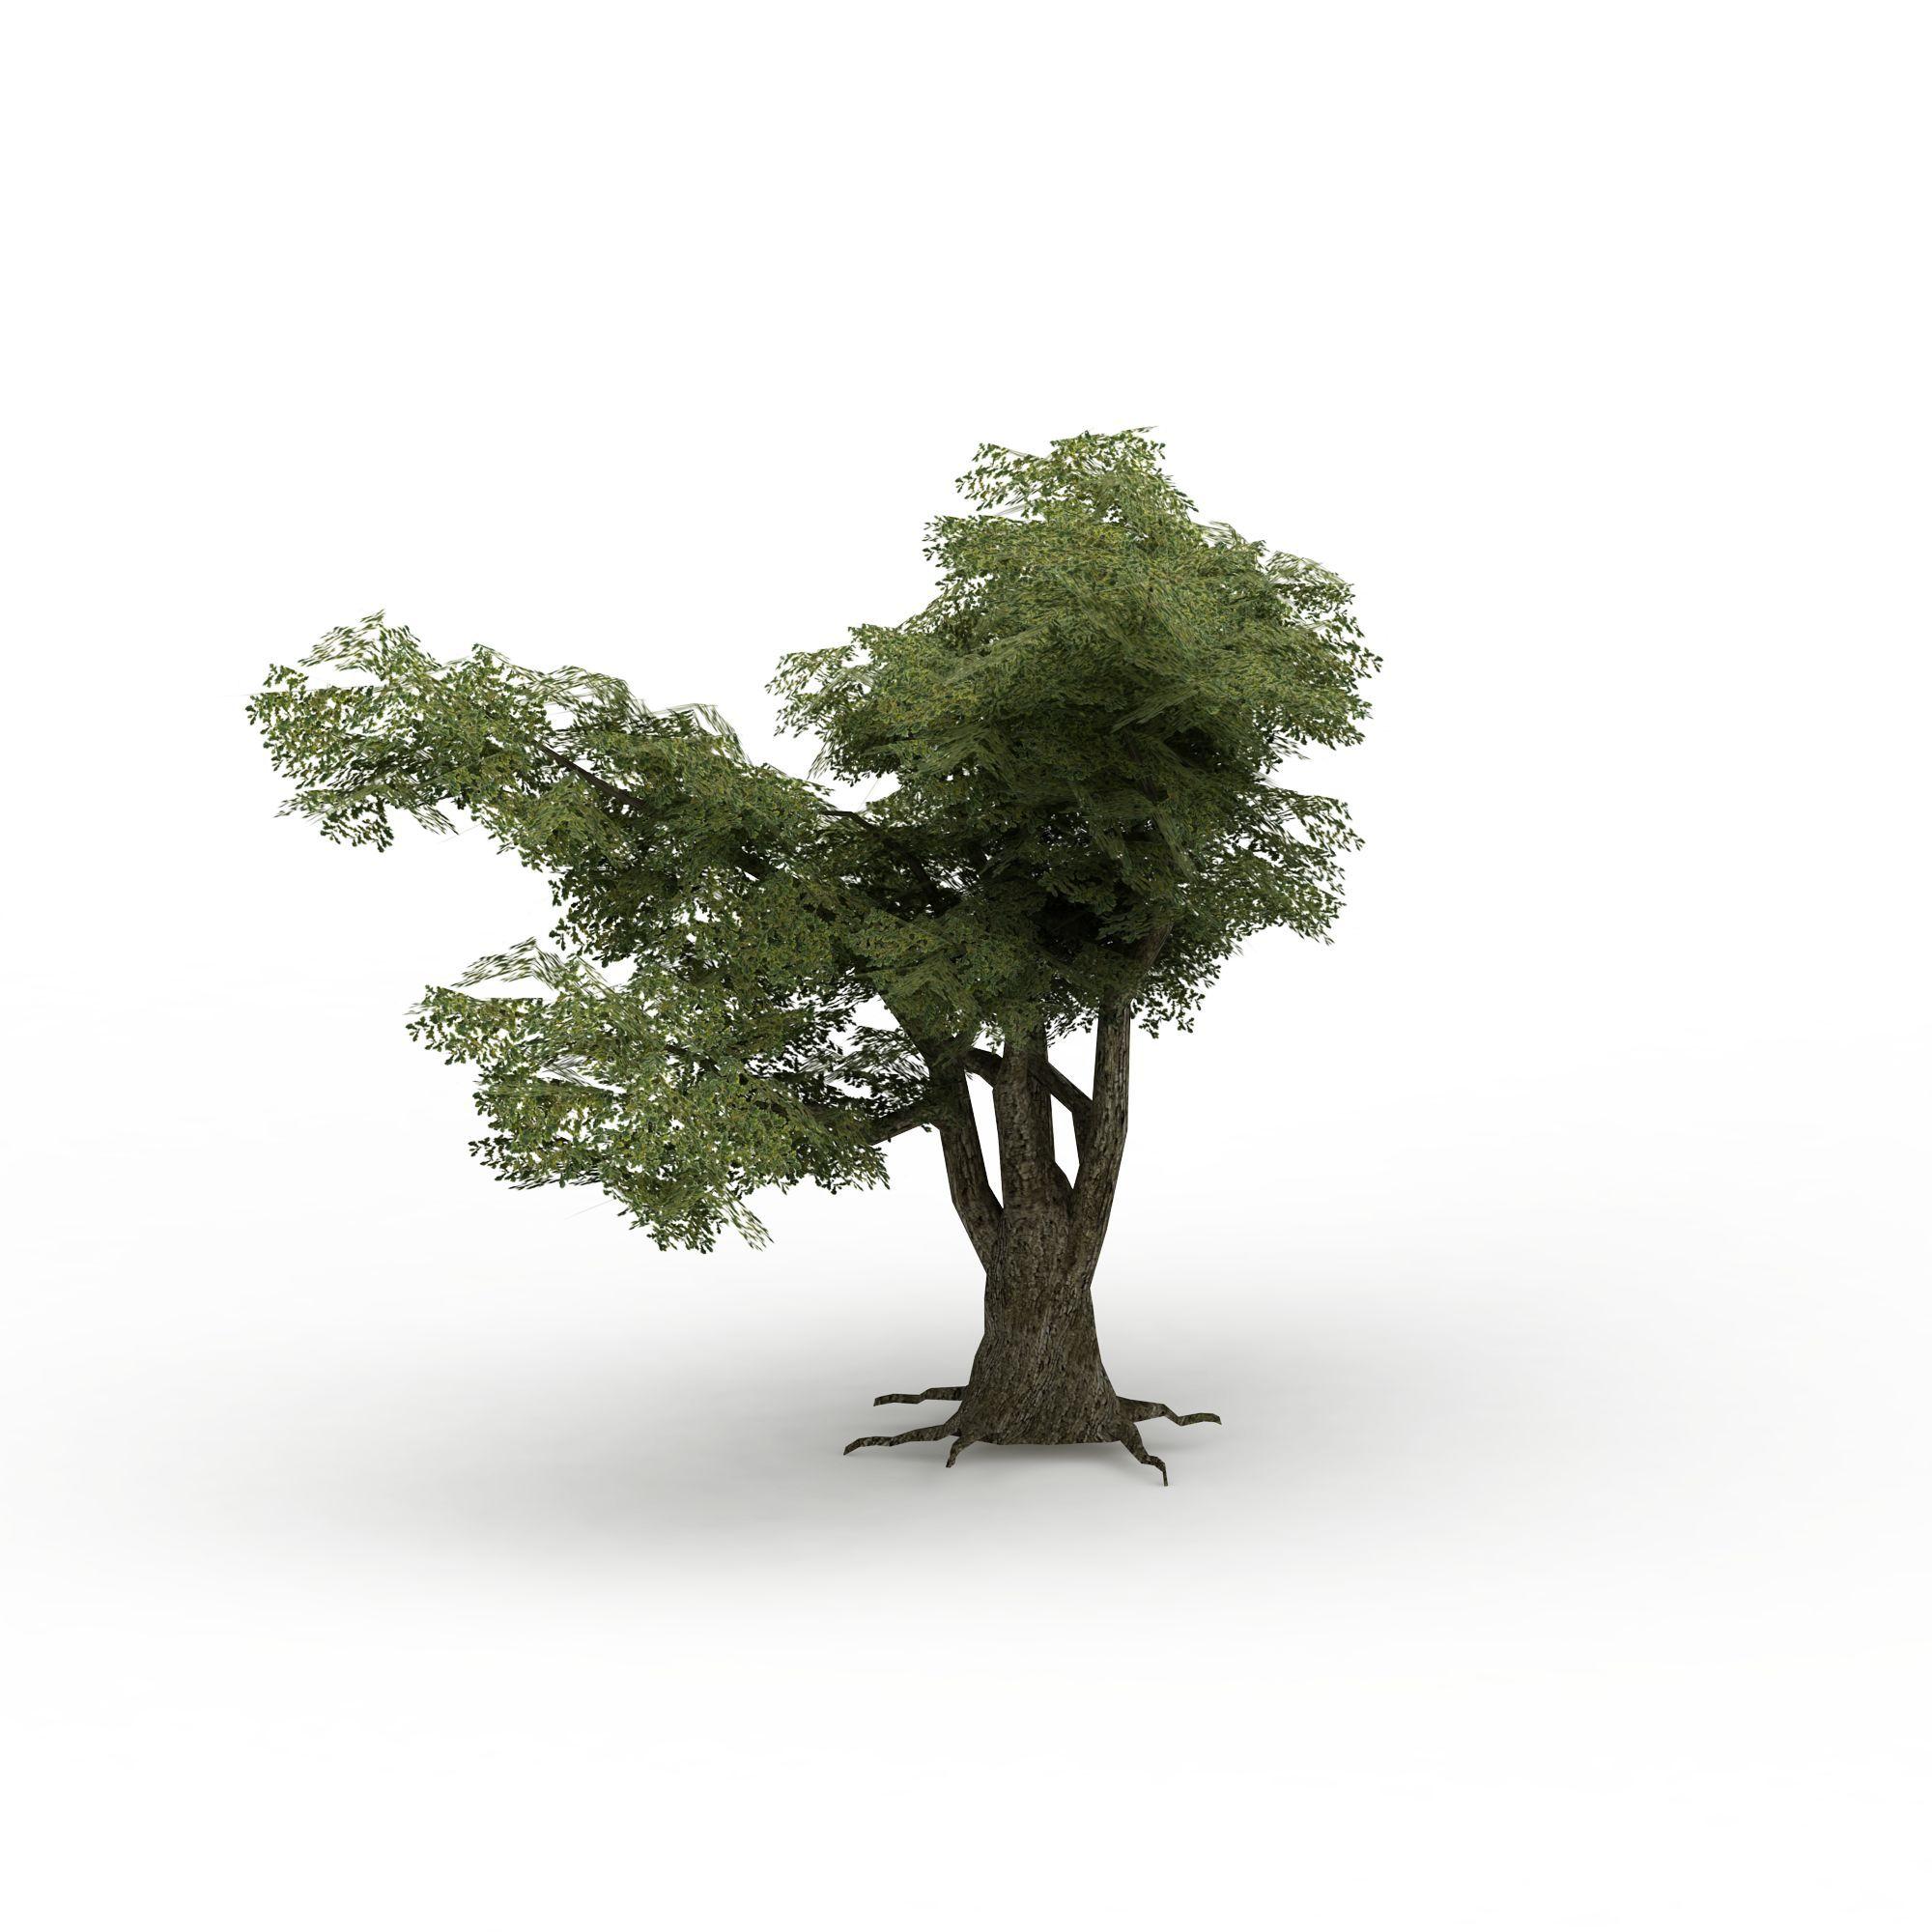 游戏树木高清图下载